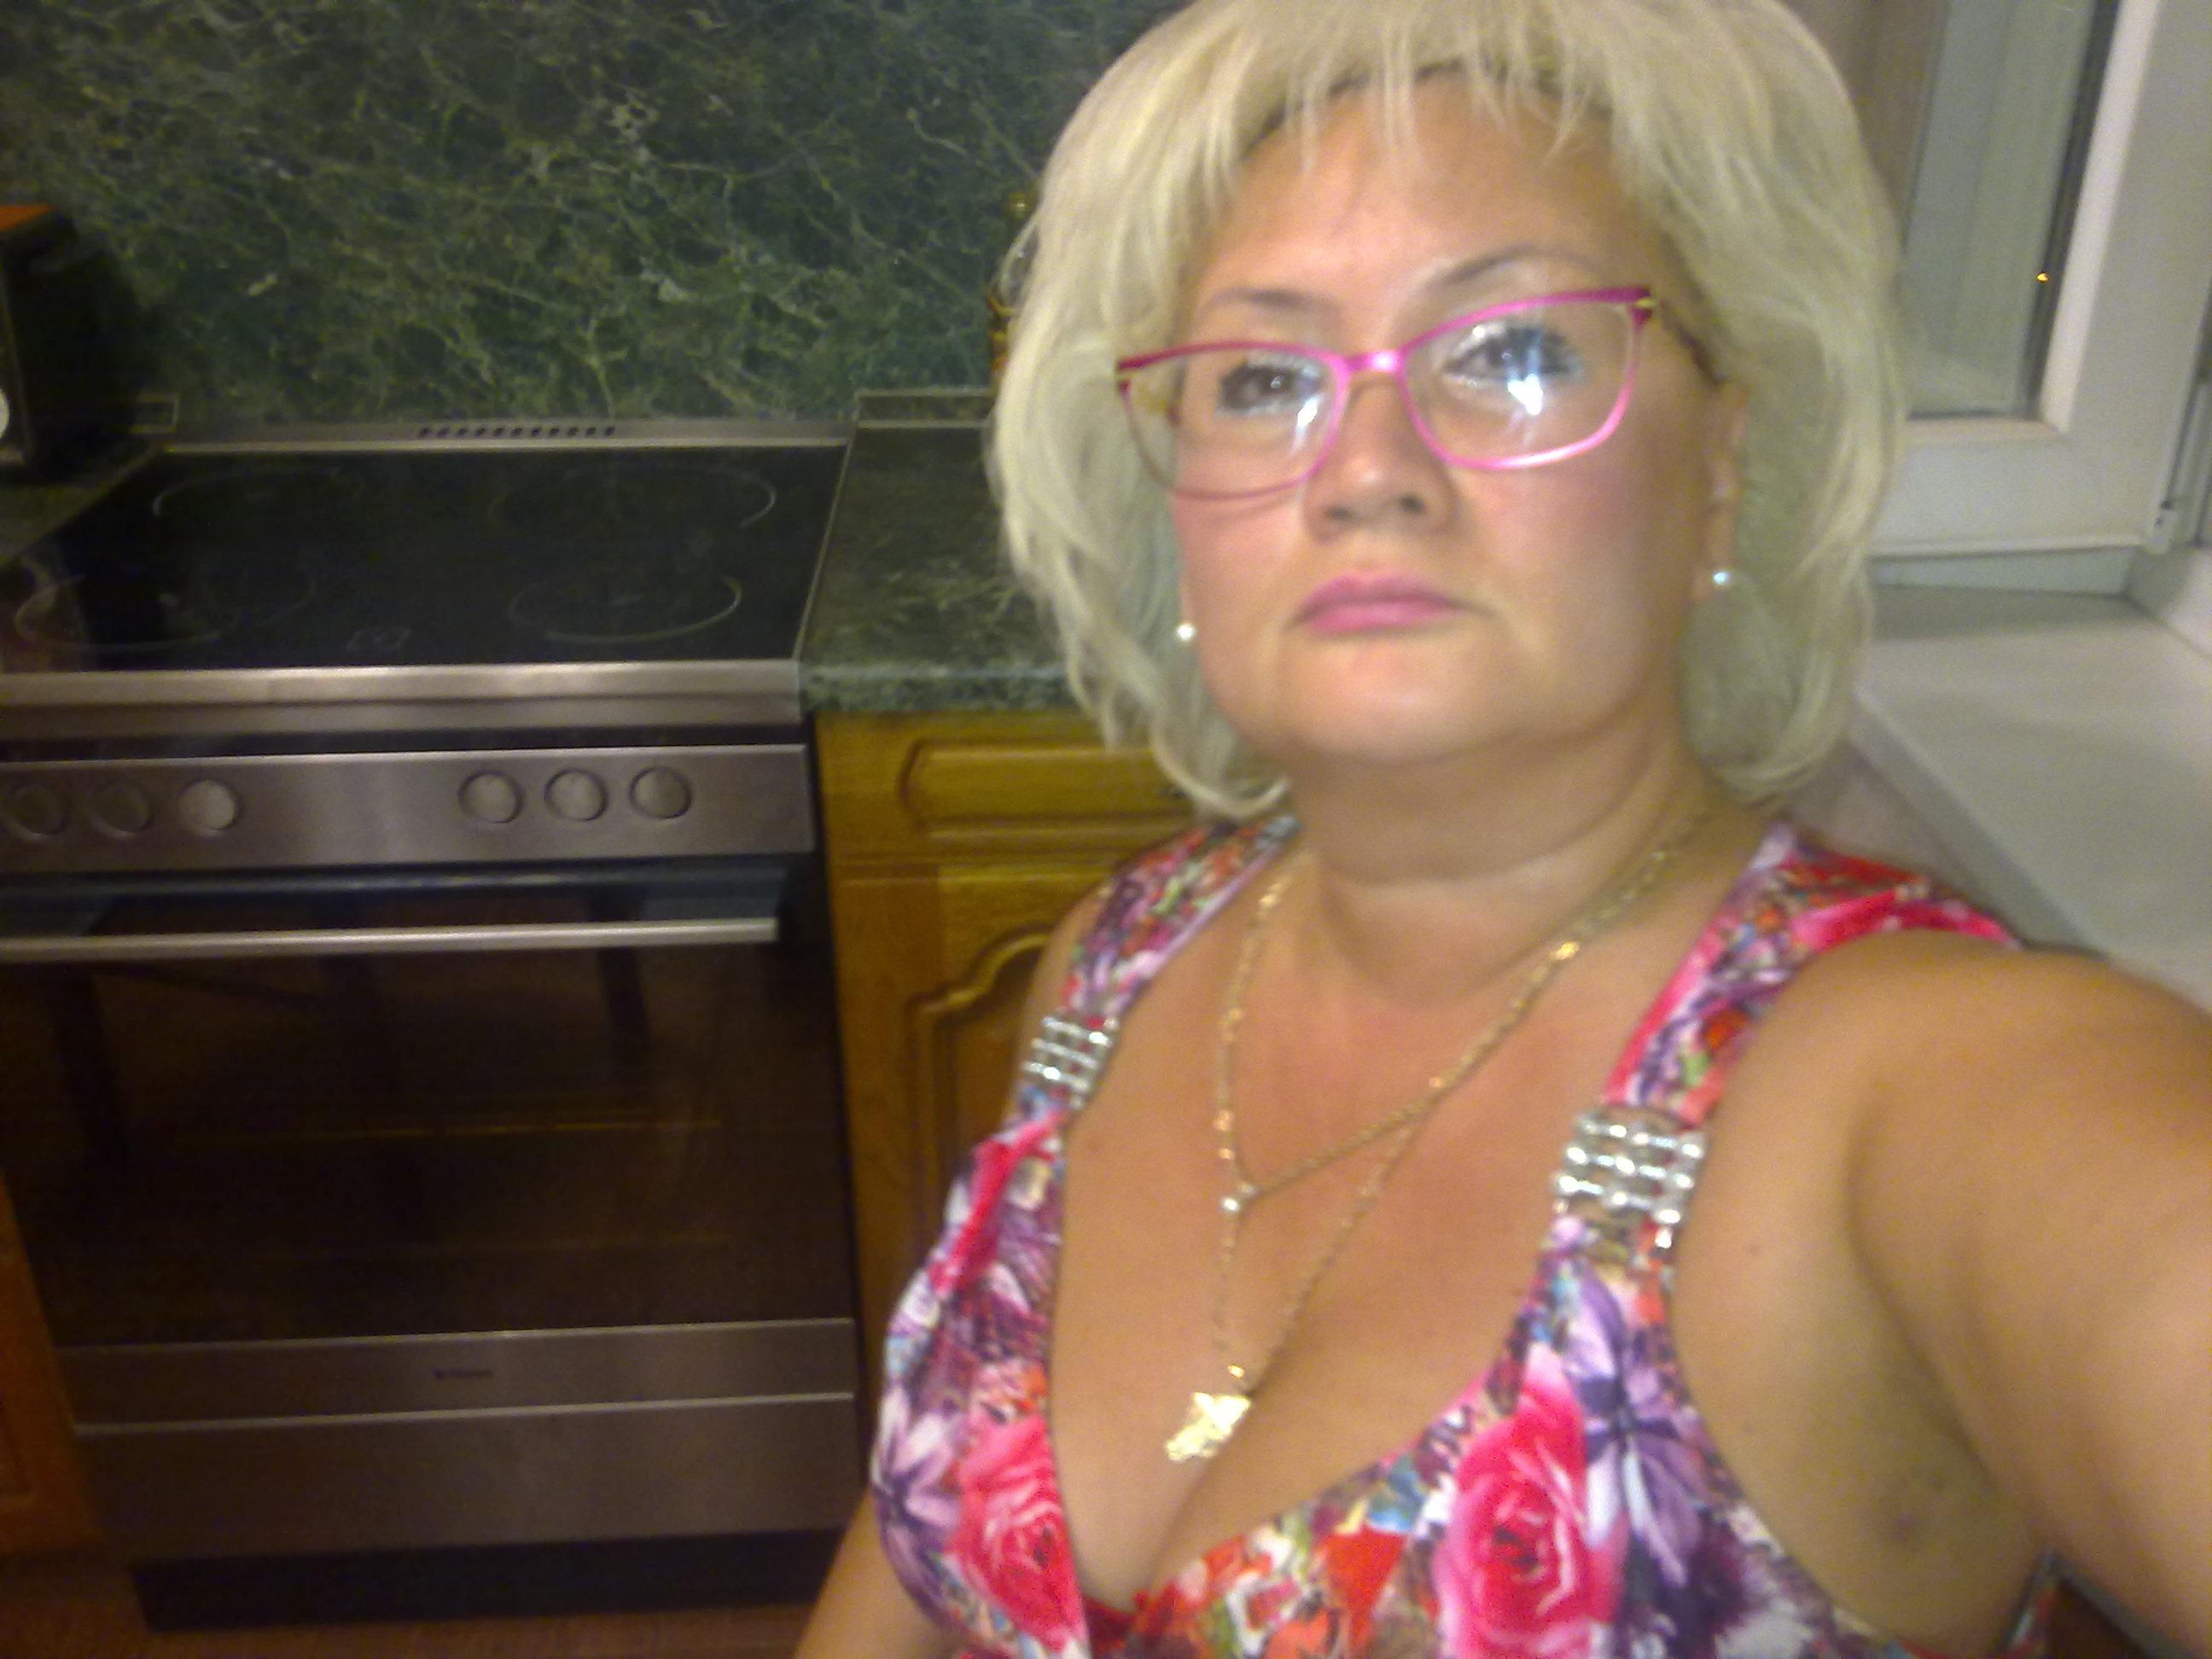 Хочу куни брянск, Секс без обязательств в Брянске: бесплатные знакомства 12 фотография